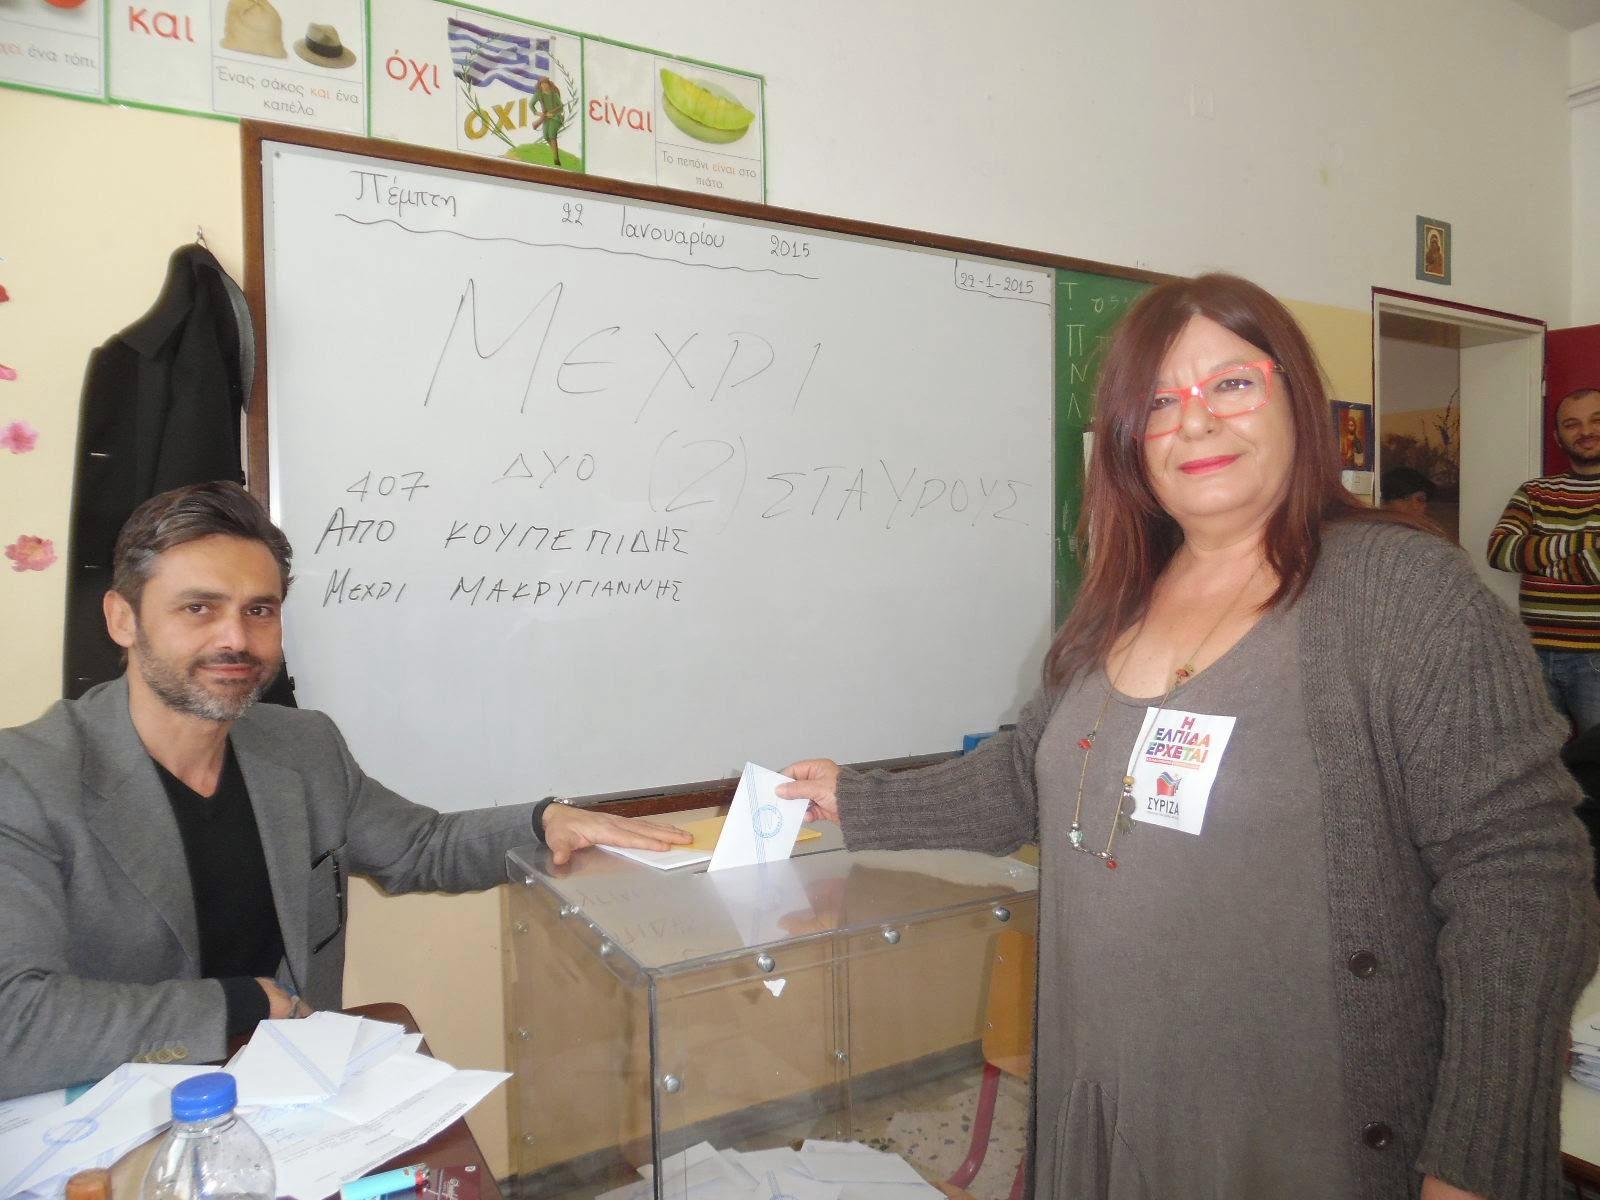 Χαλκίδα: Υπό το βλέμμα του Γιάννη Μπάκα ψήφισε η Ζωή Λιβανίου!  (ΦΩΤΟ)